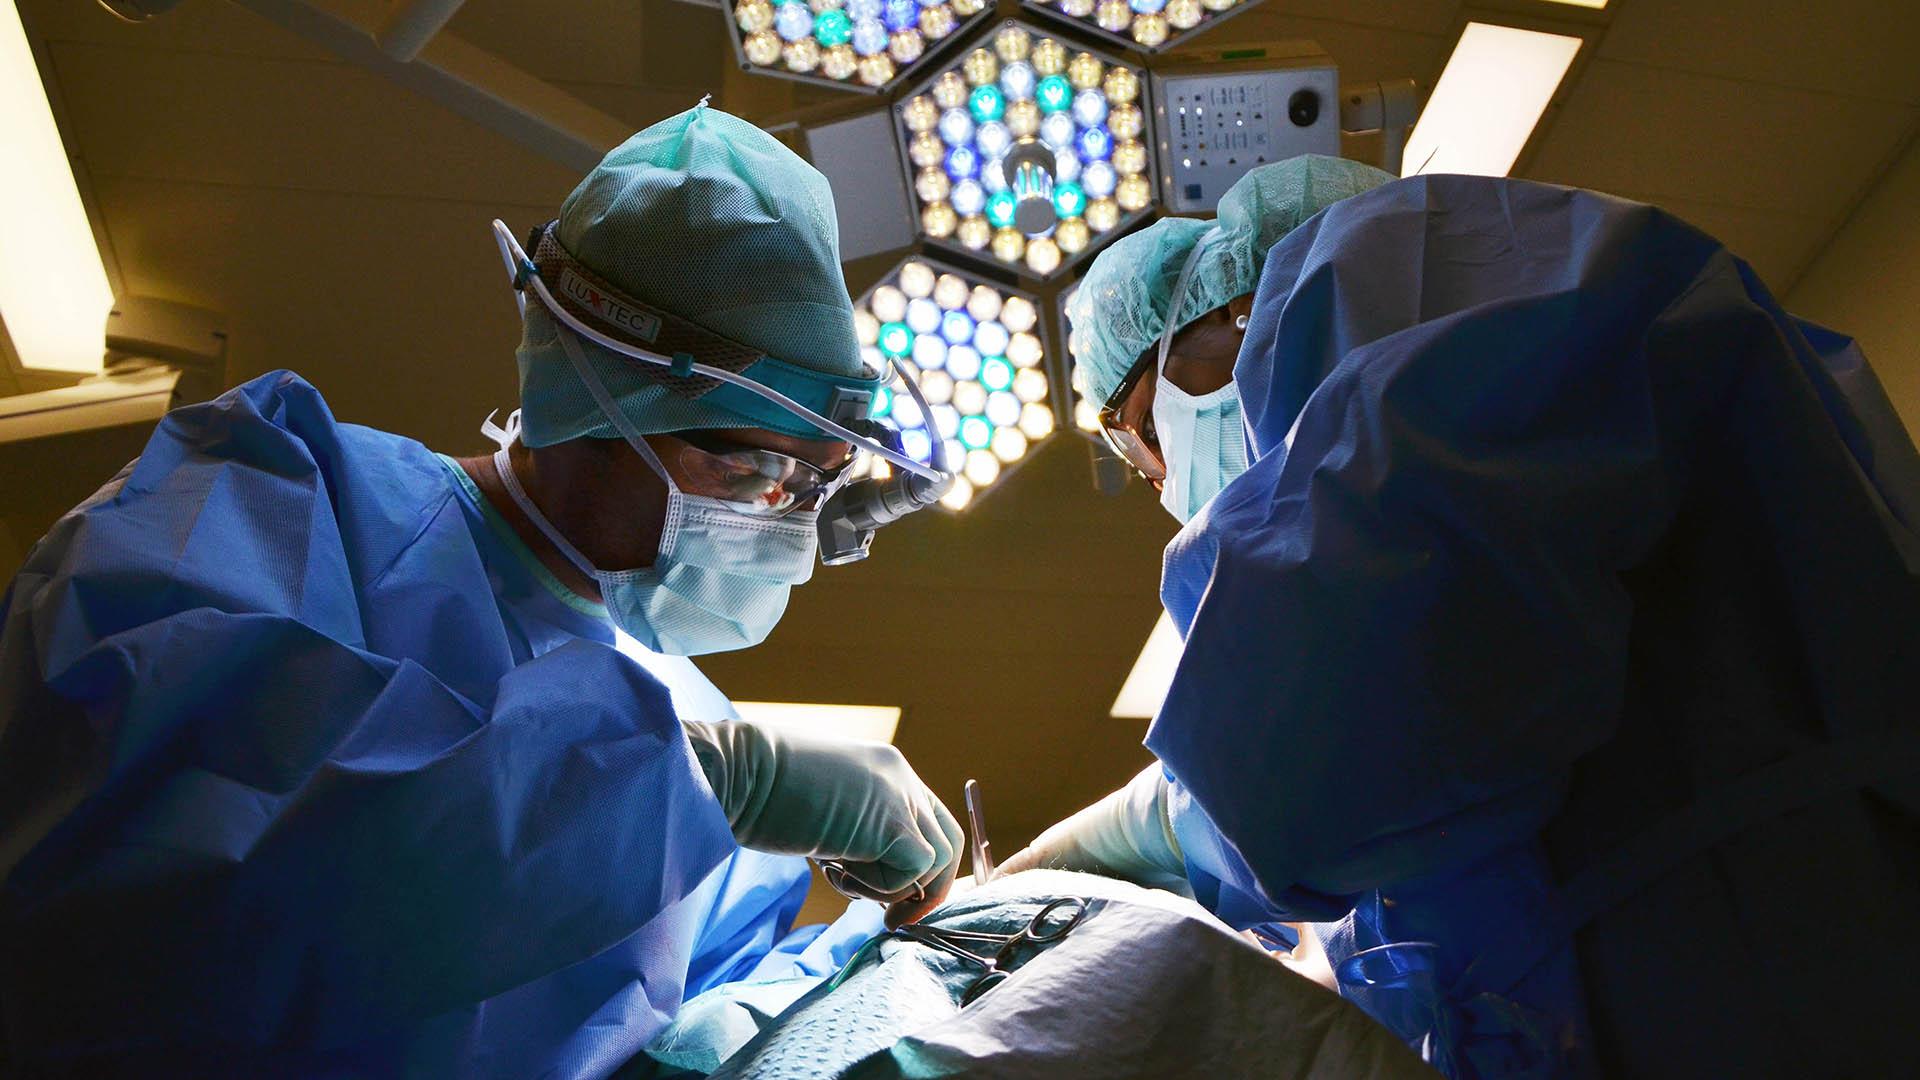 surgeons on work